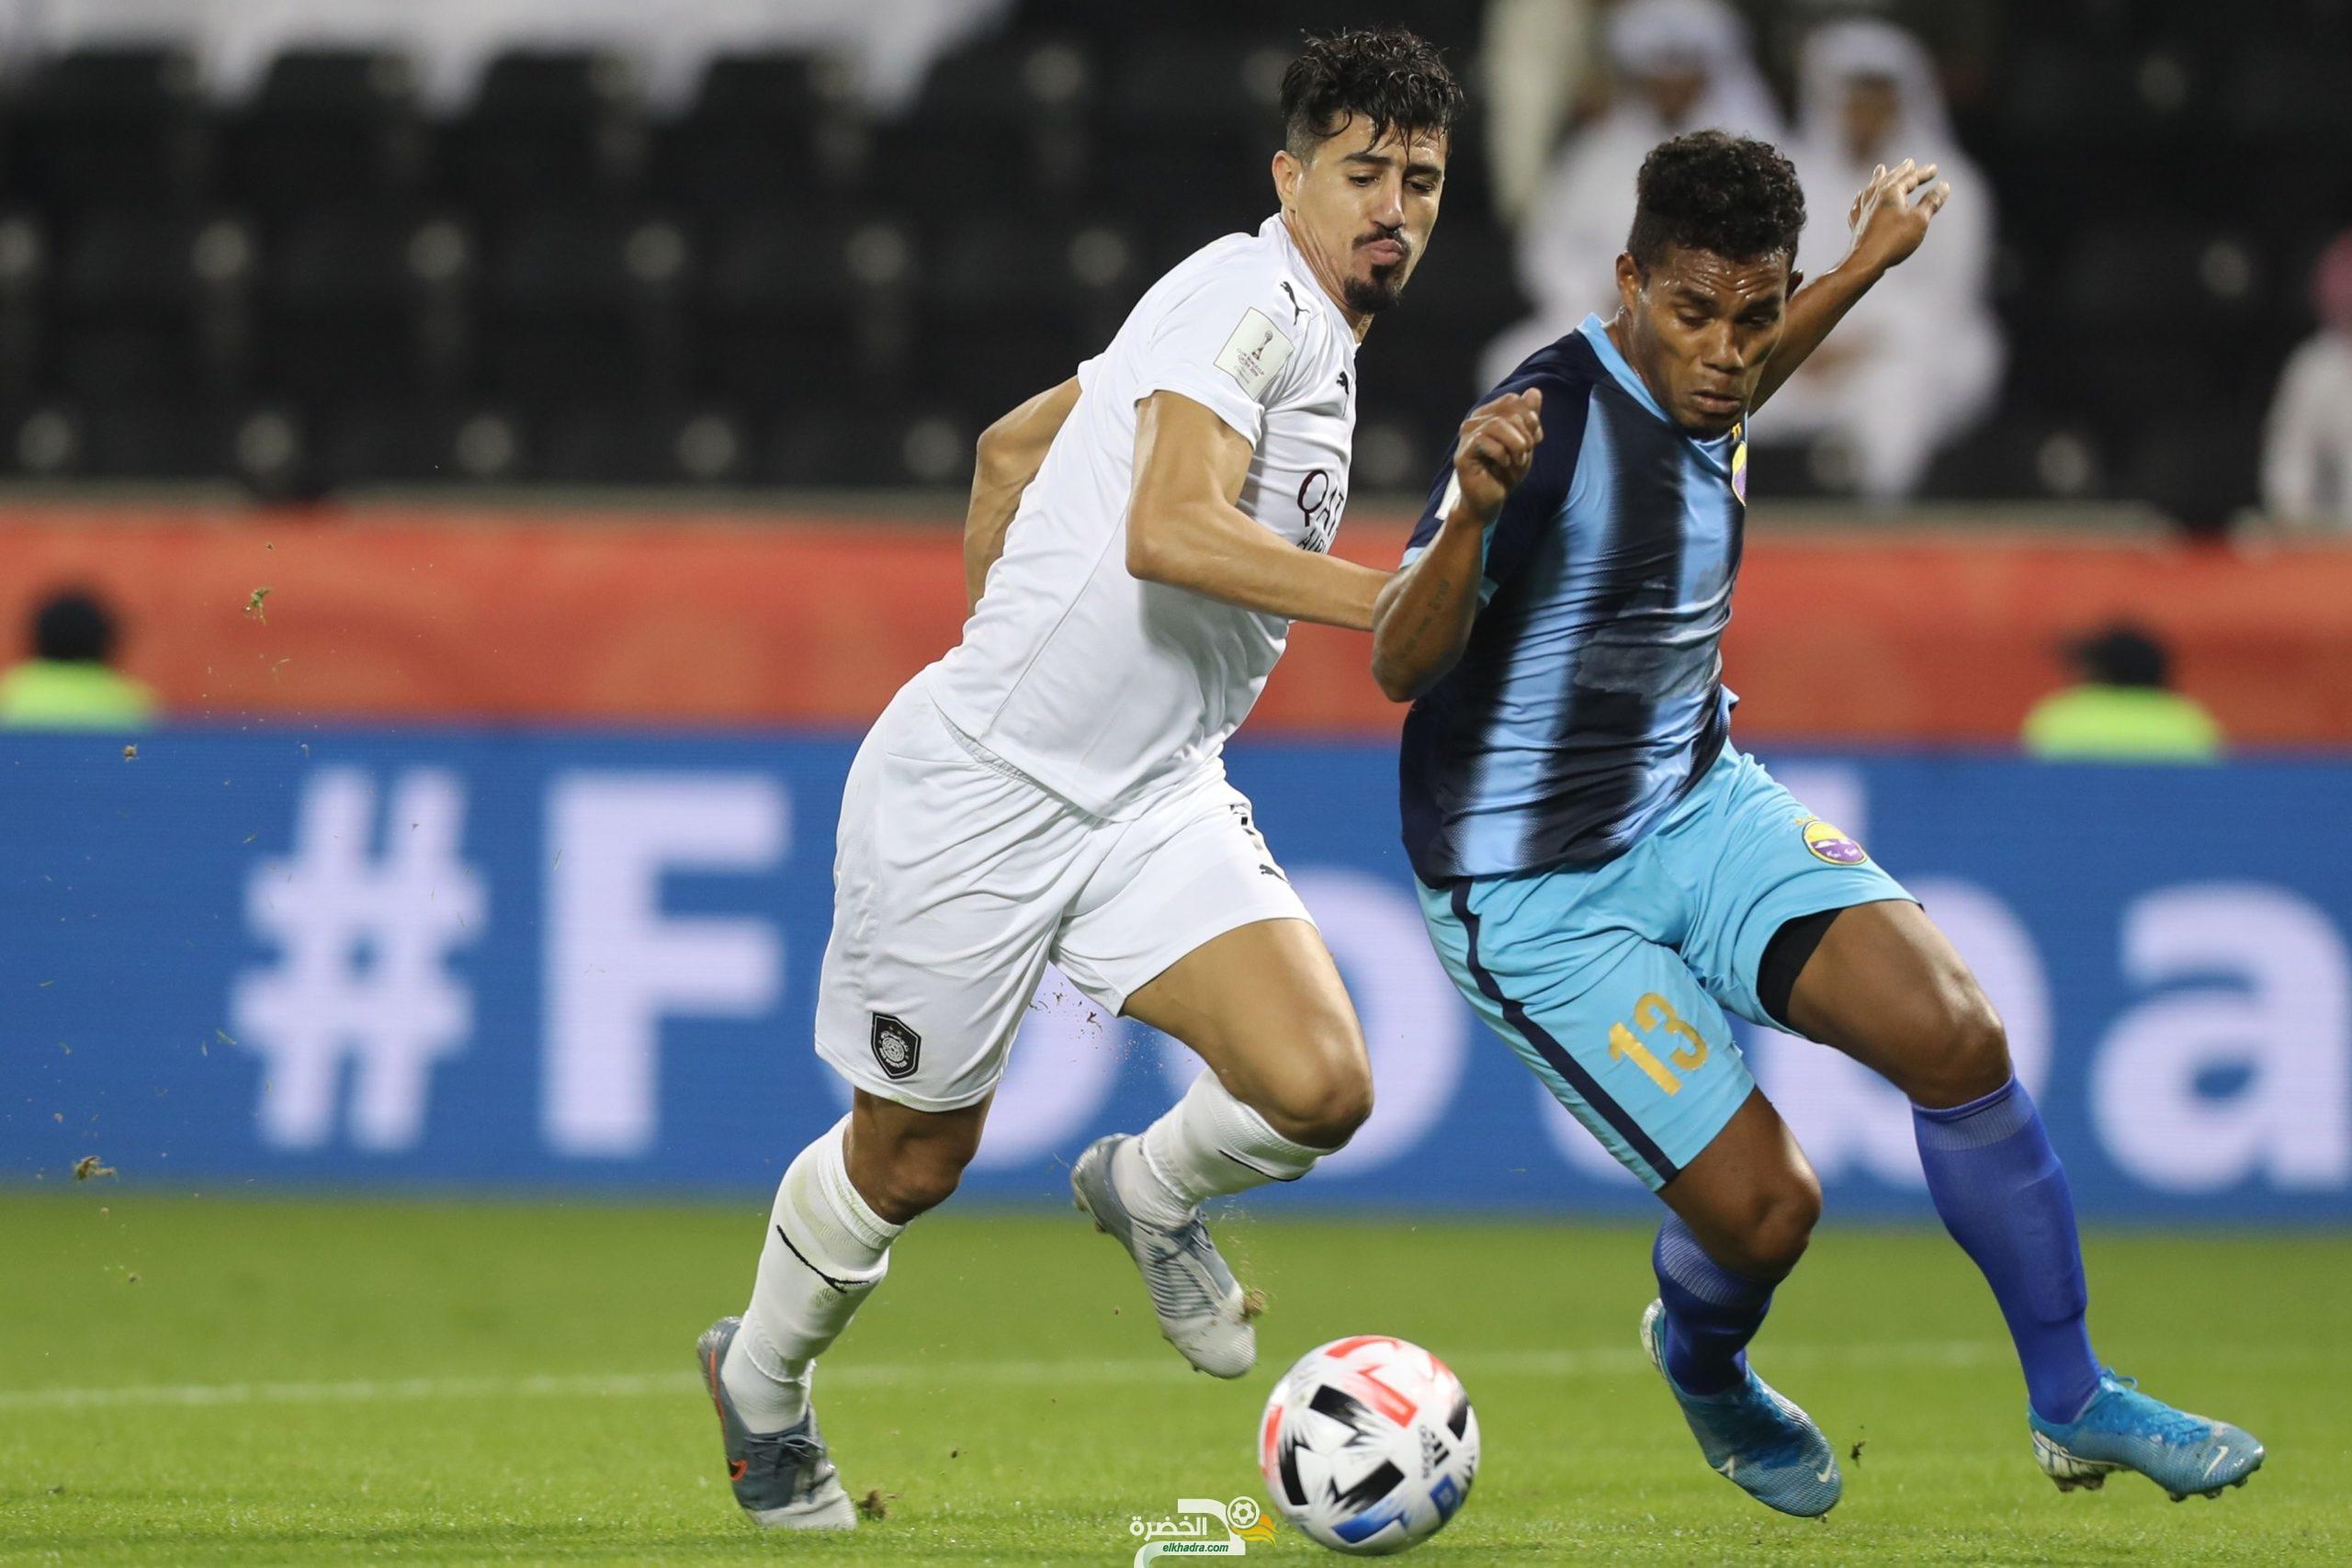 فيديو : بغداد بونجاح يسجل أول أهداف كأس العالم للأندية 2019 33